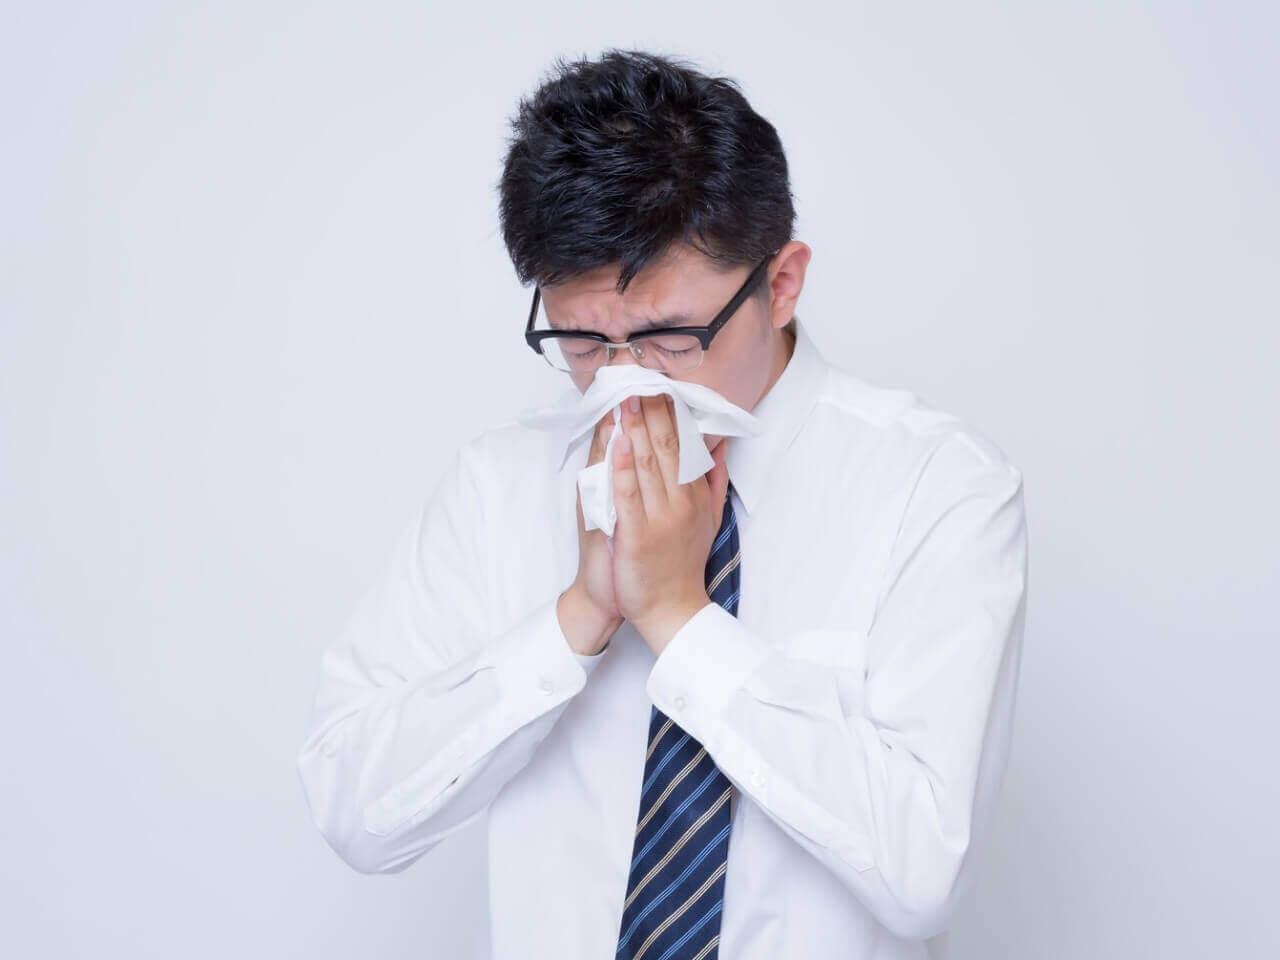 紙で鼻をかむ男性